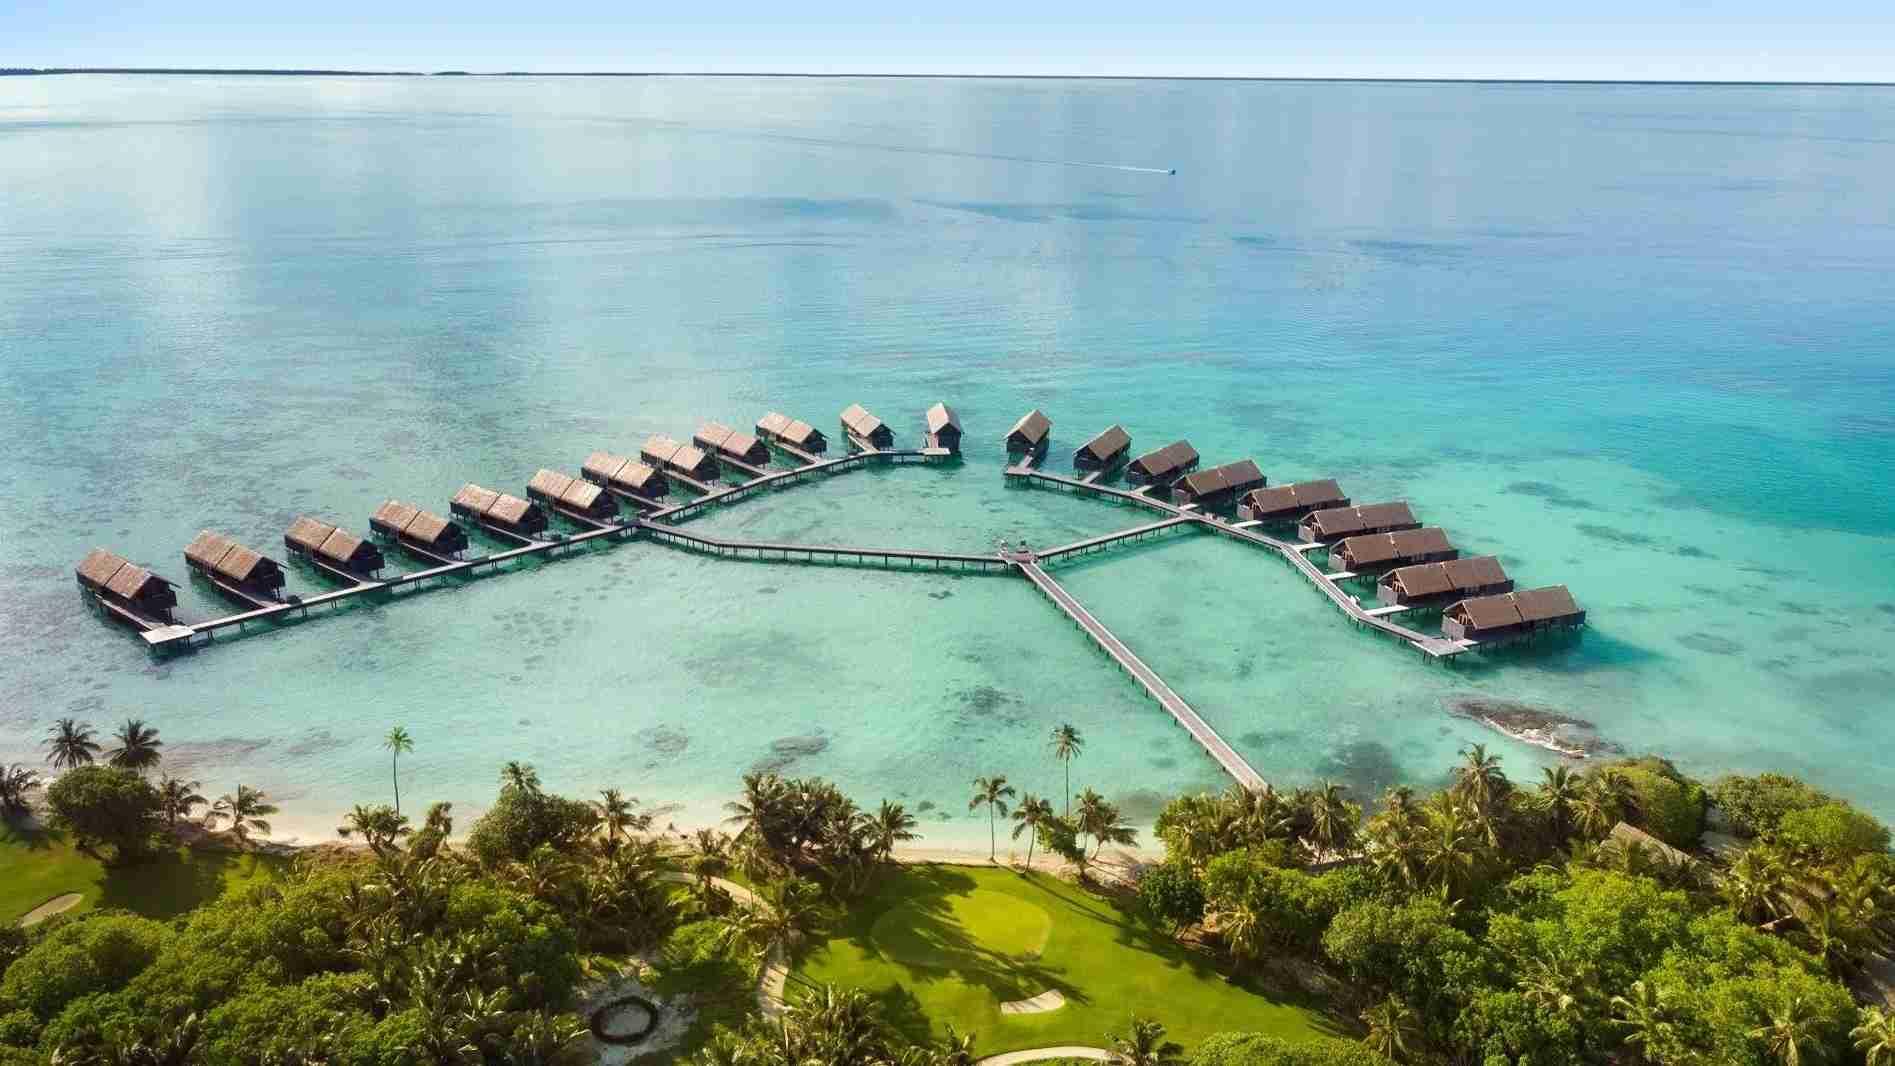 Image courtesy of Shangri-La Maldives